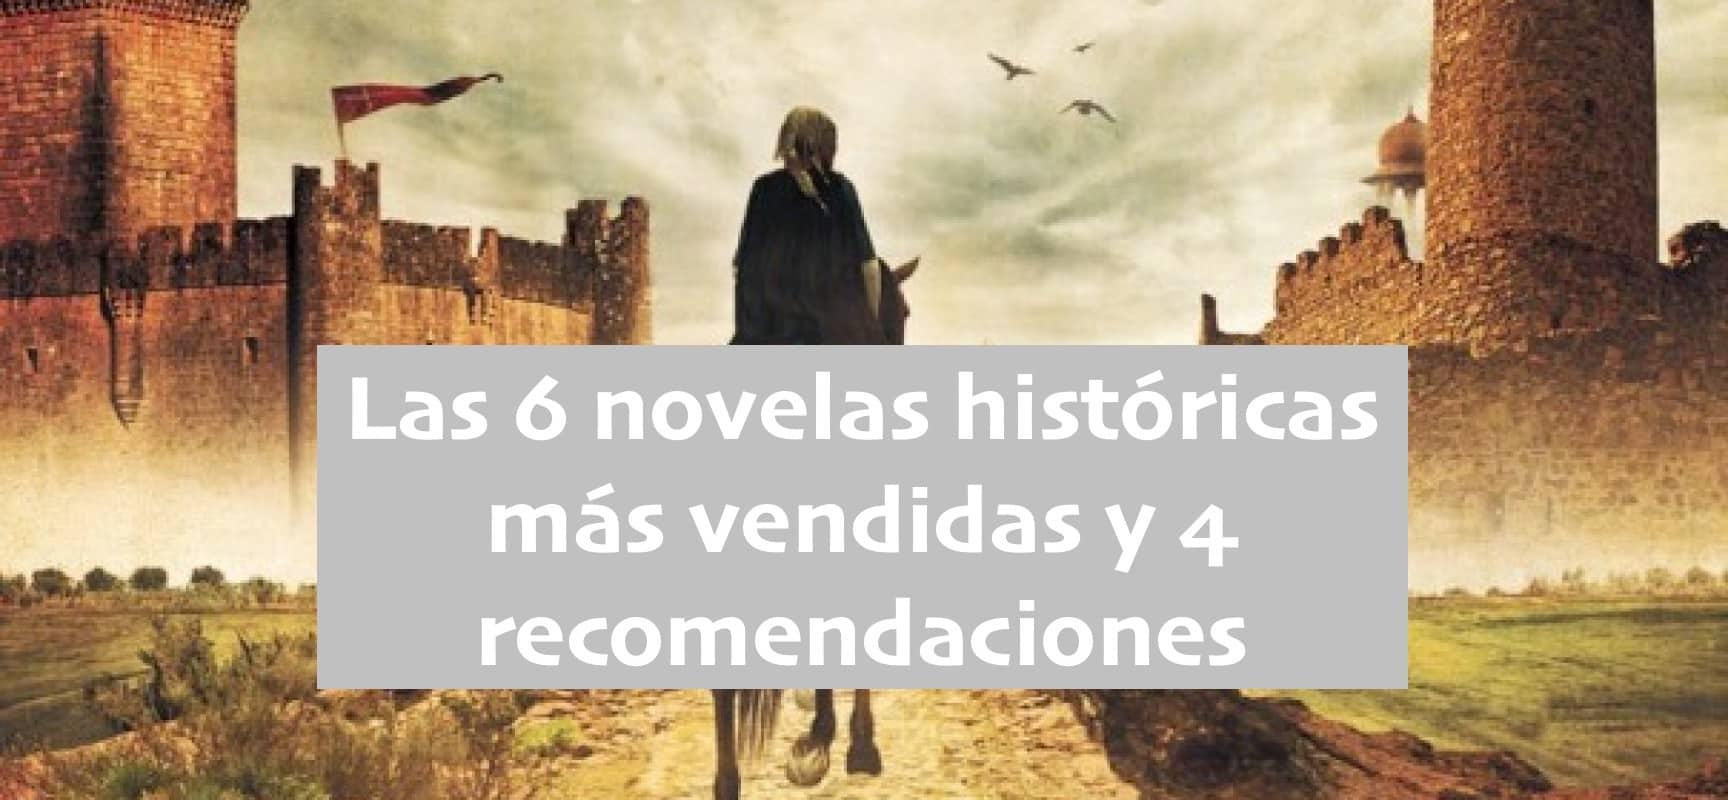 Las 6 novelas históricas más vendidas y 4 recomendaciones